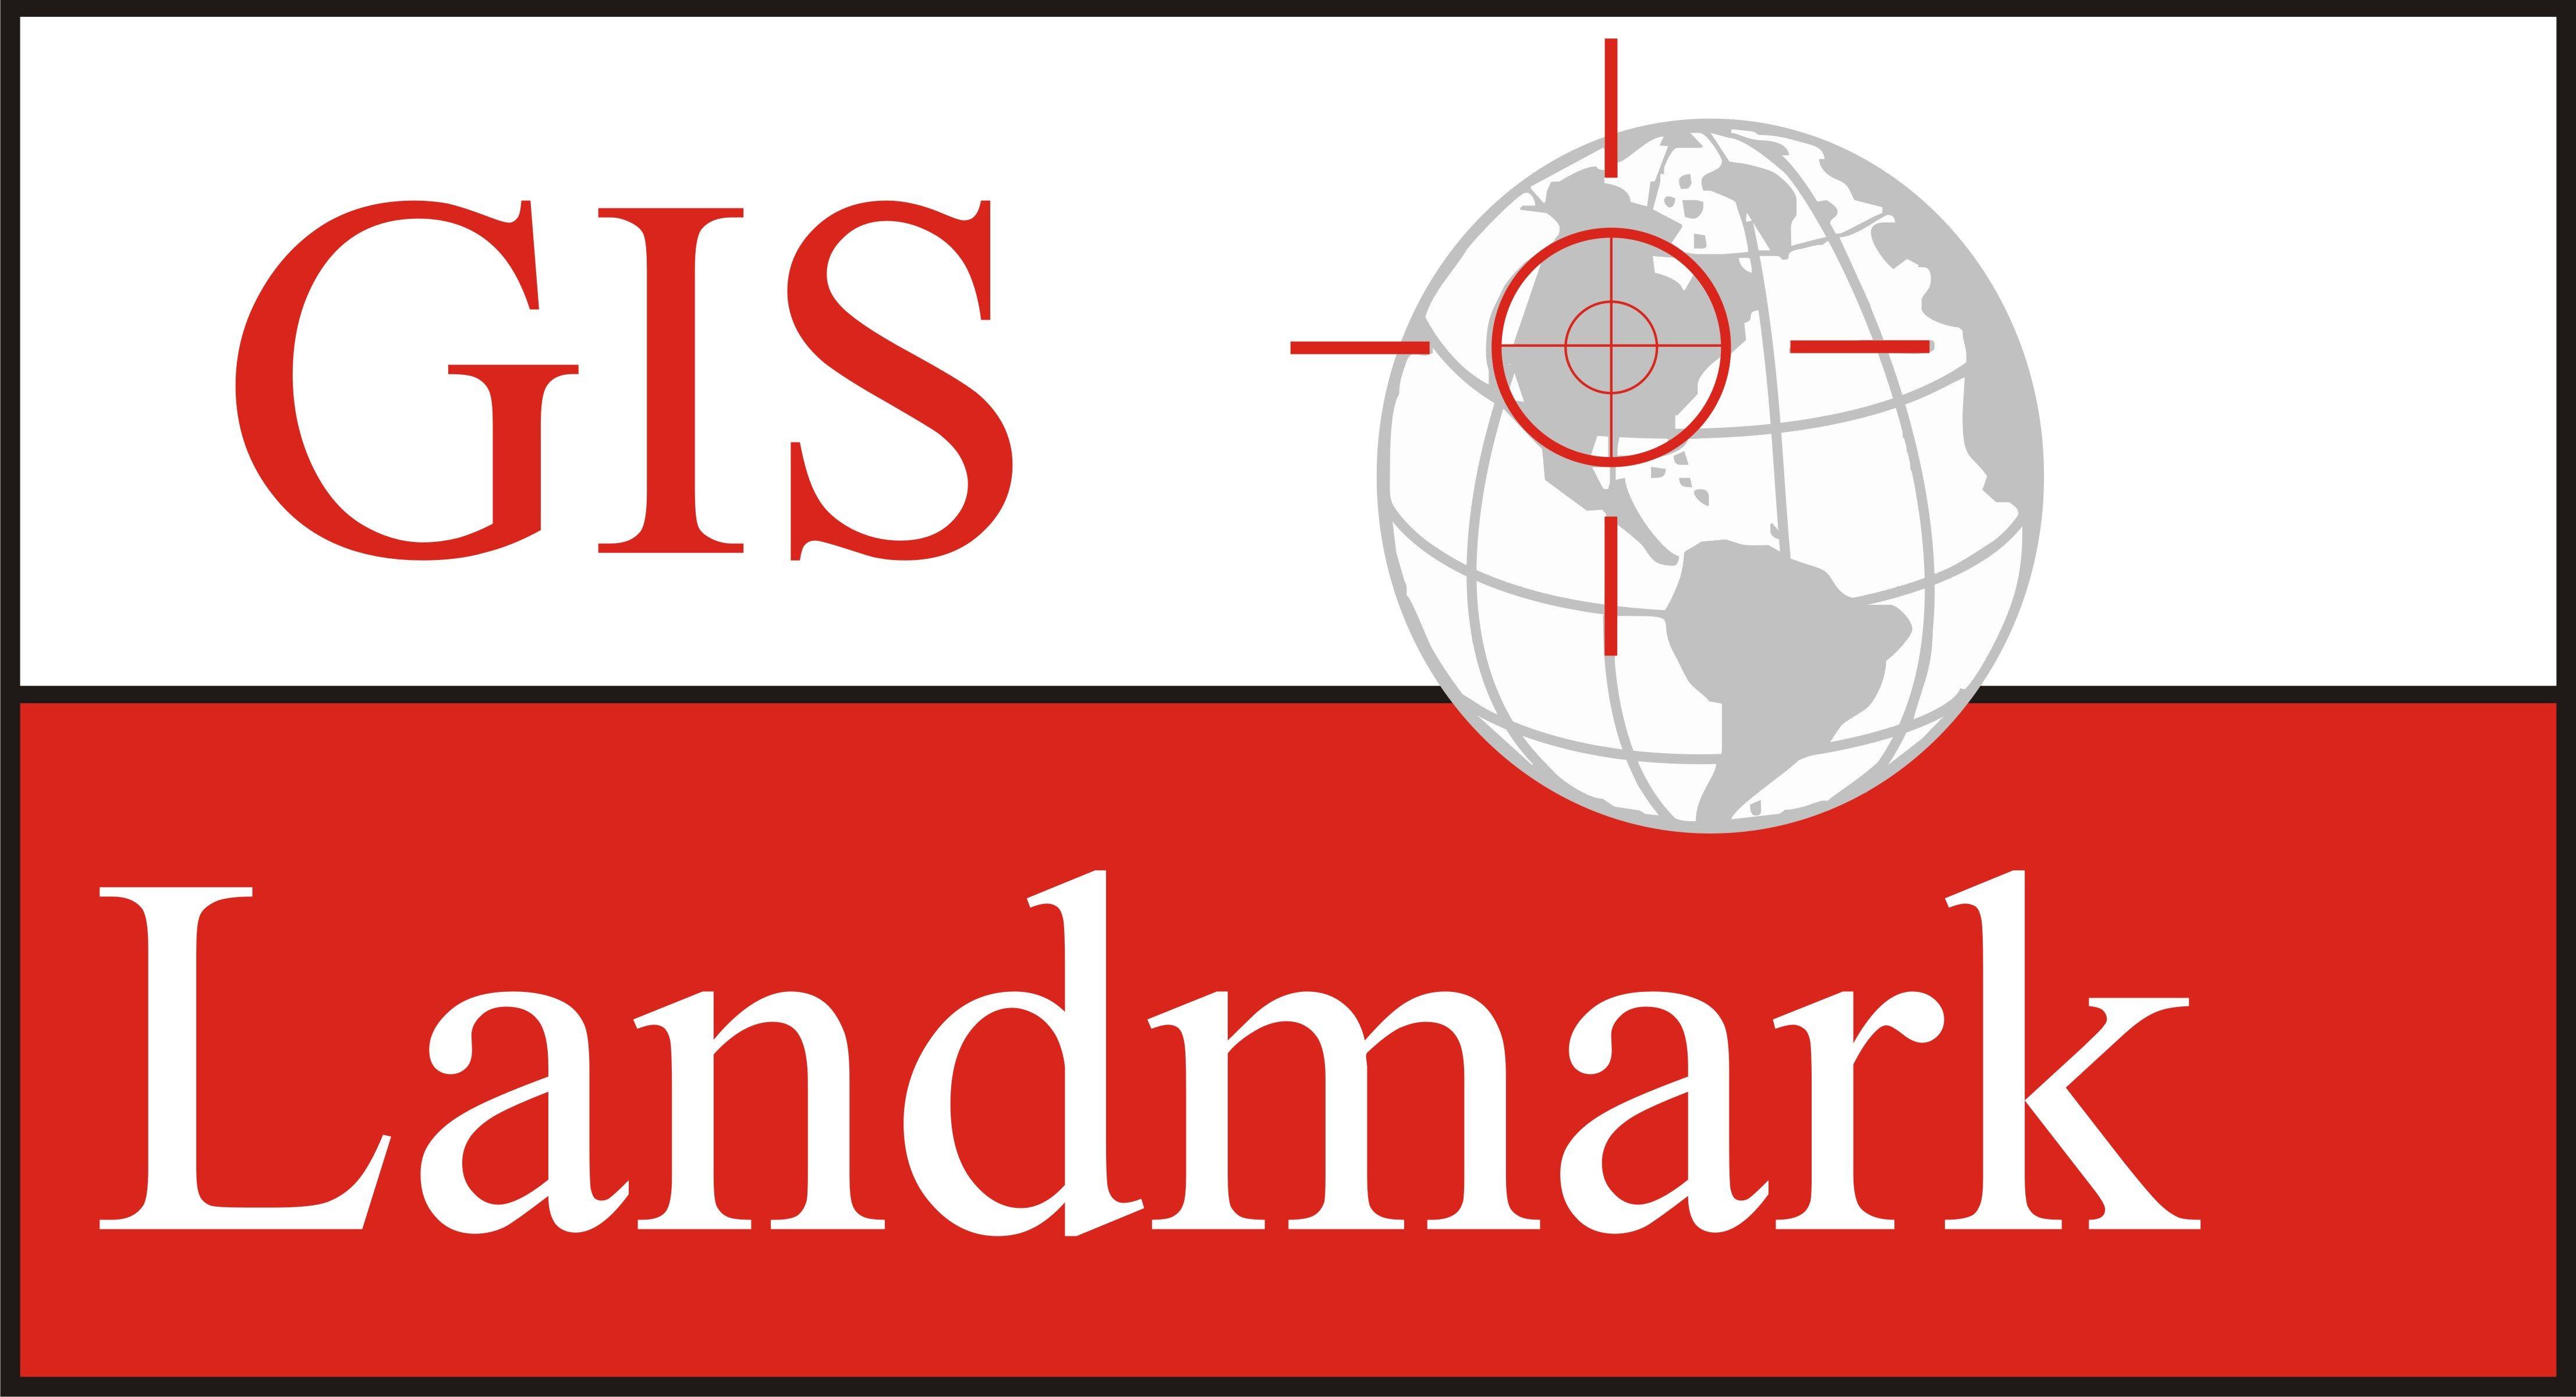 GIS Landmark